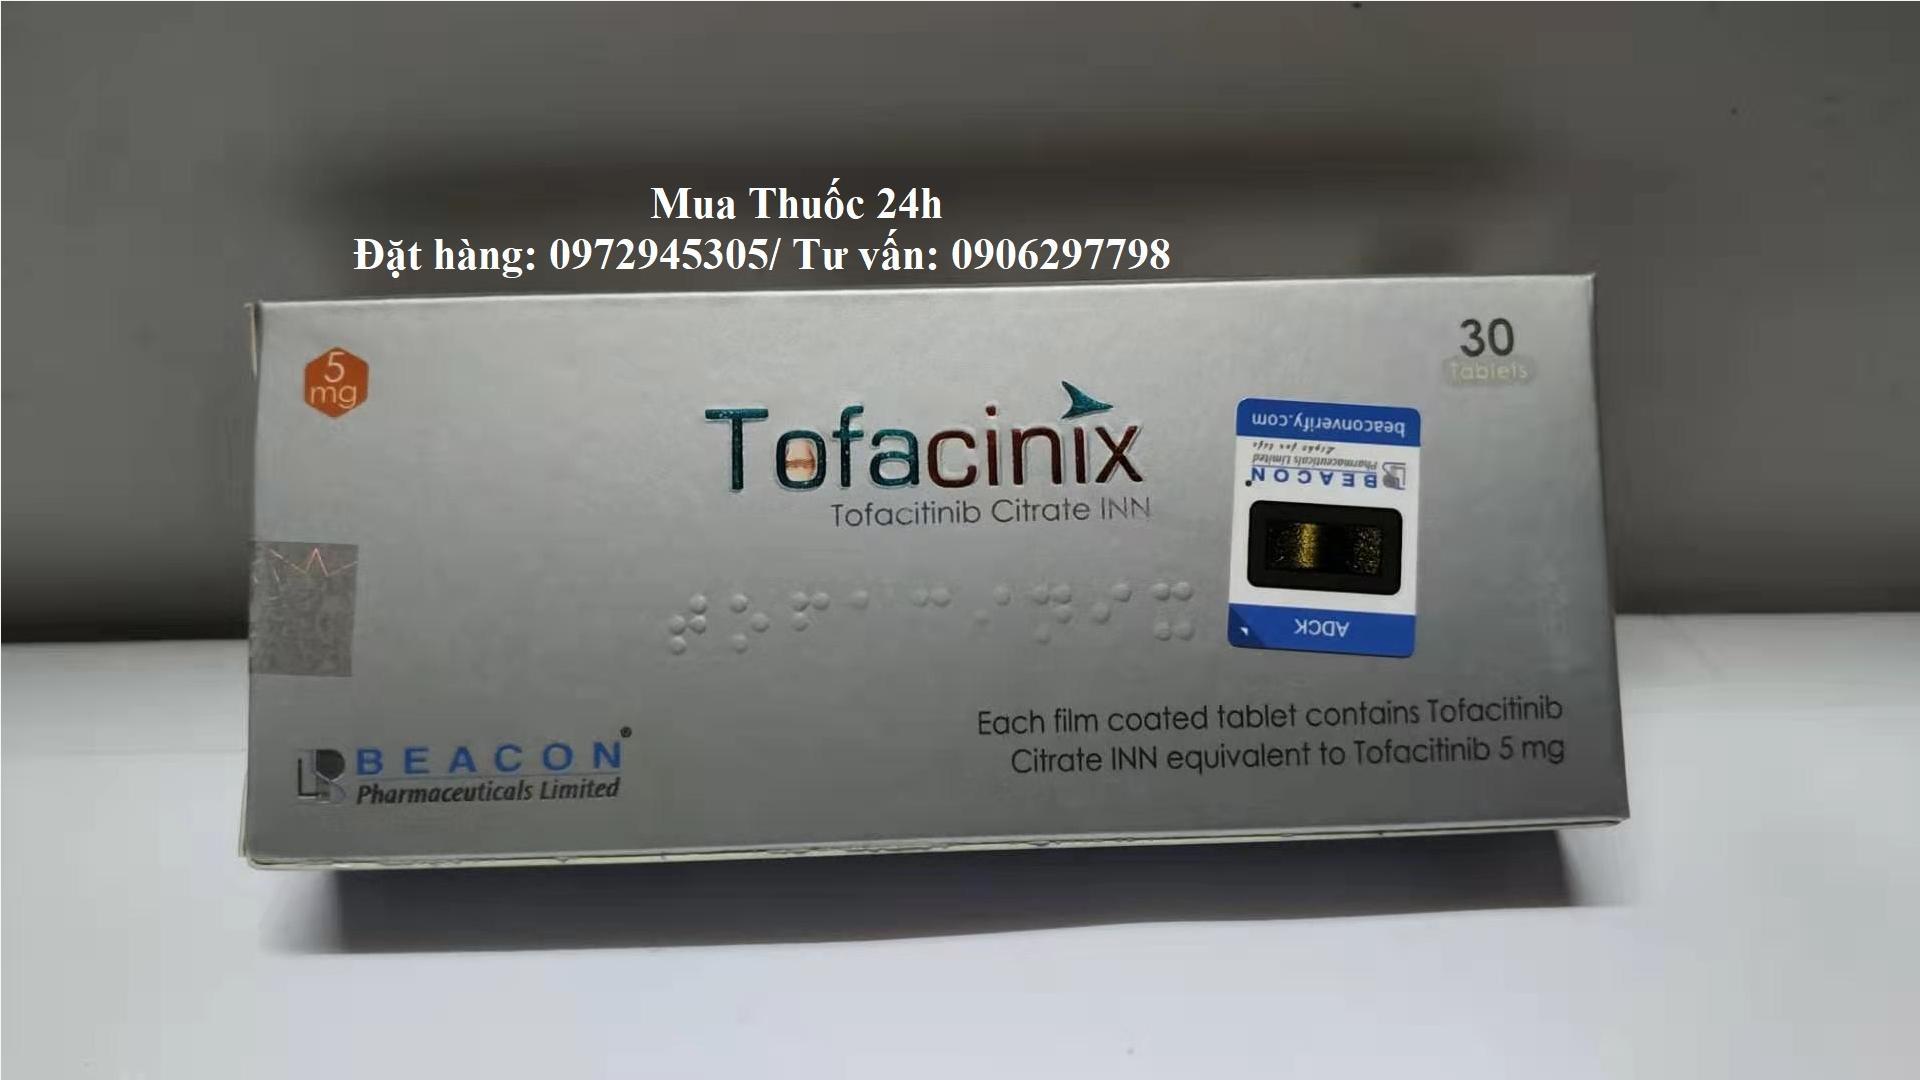 Thuốc Tofacinix Tofacitinib 5mg giá bao nhiêu mua ở đâu